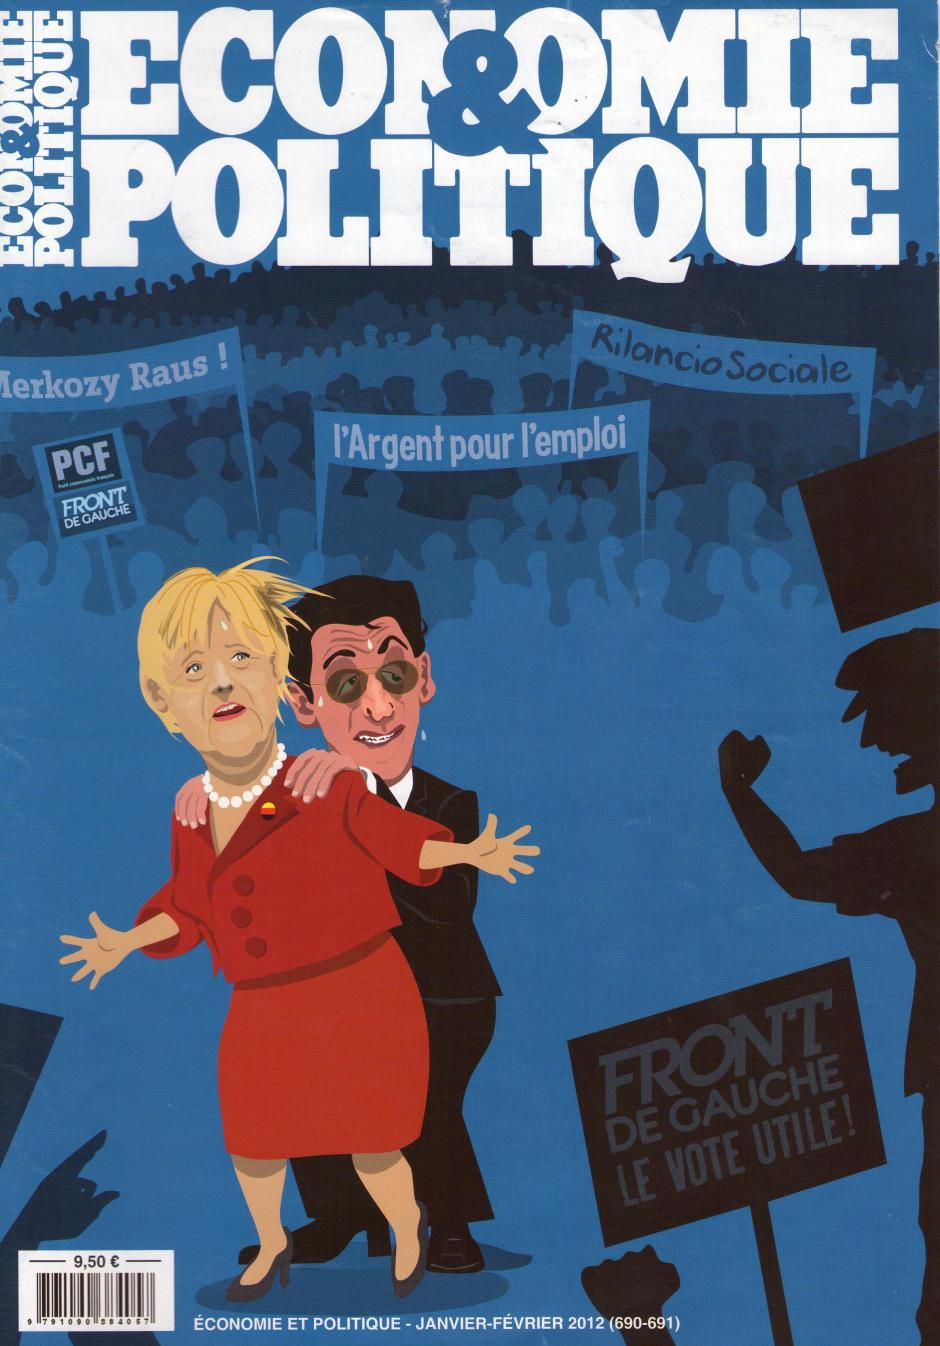 Economie & Politique - Janvier-Février 2012 - N° en libre accès